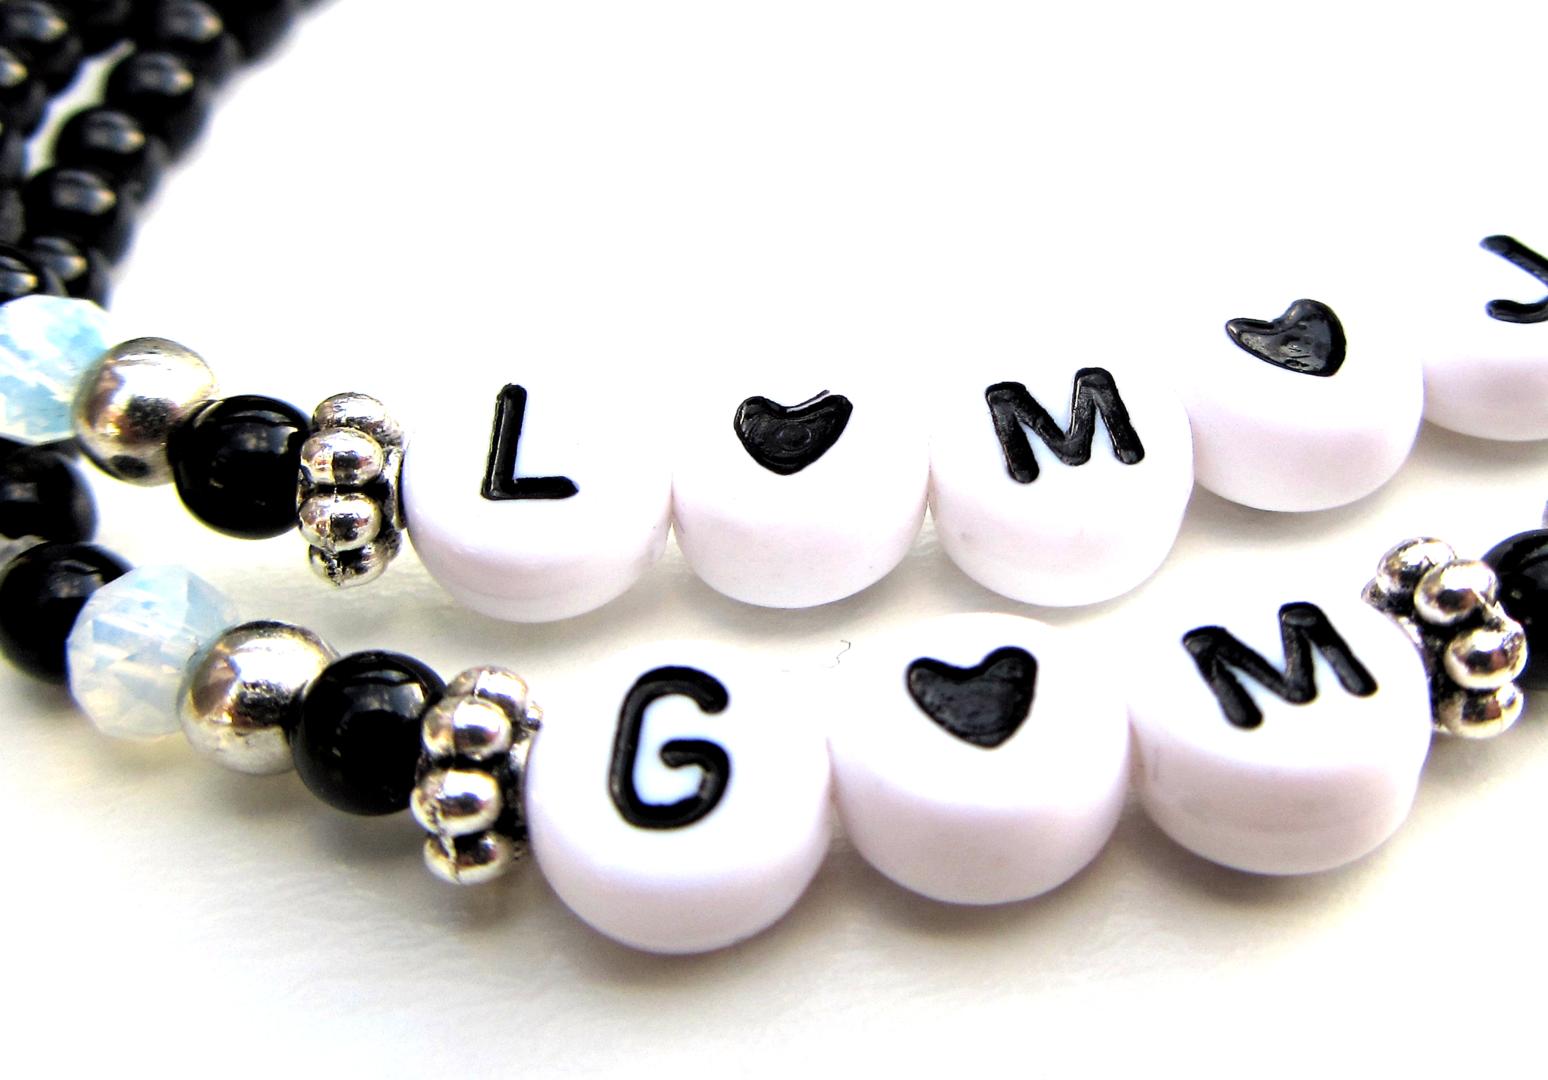 Voorkeur Initialen armband zwart wit letters hartje monochroom Sieraden HI66